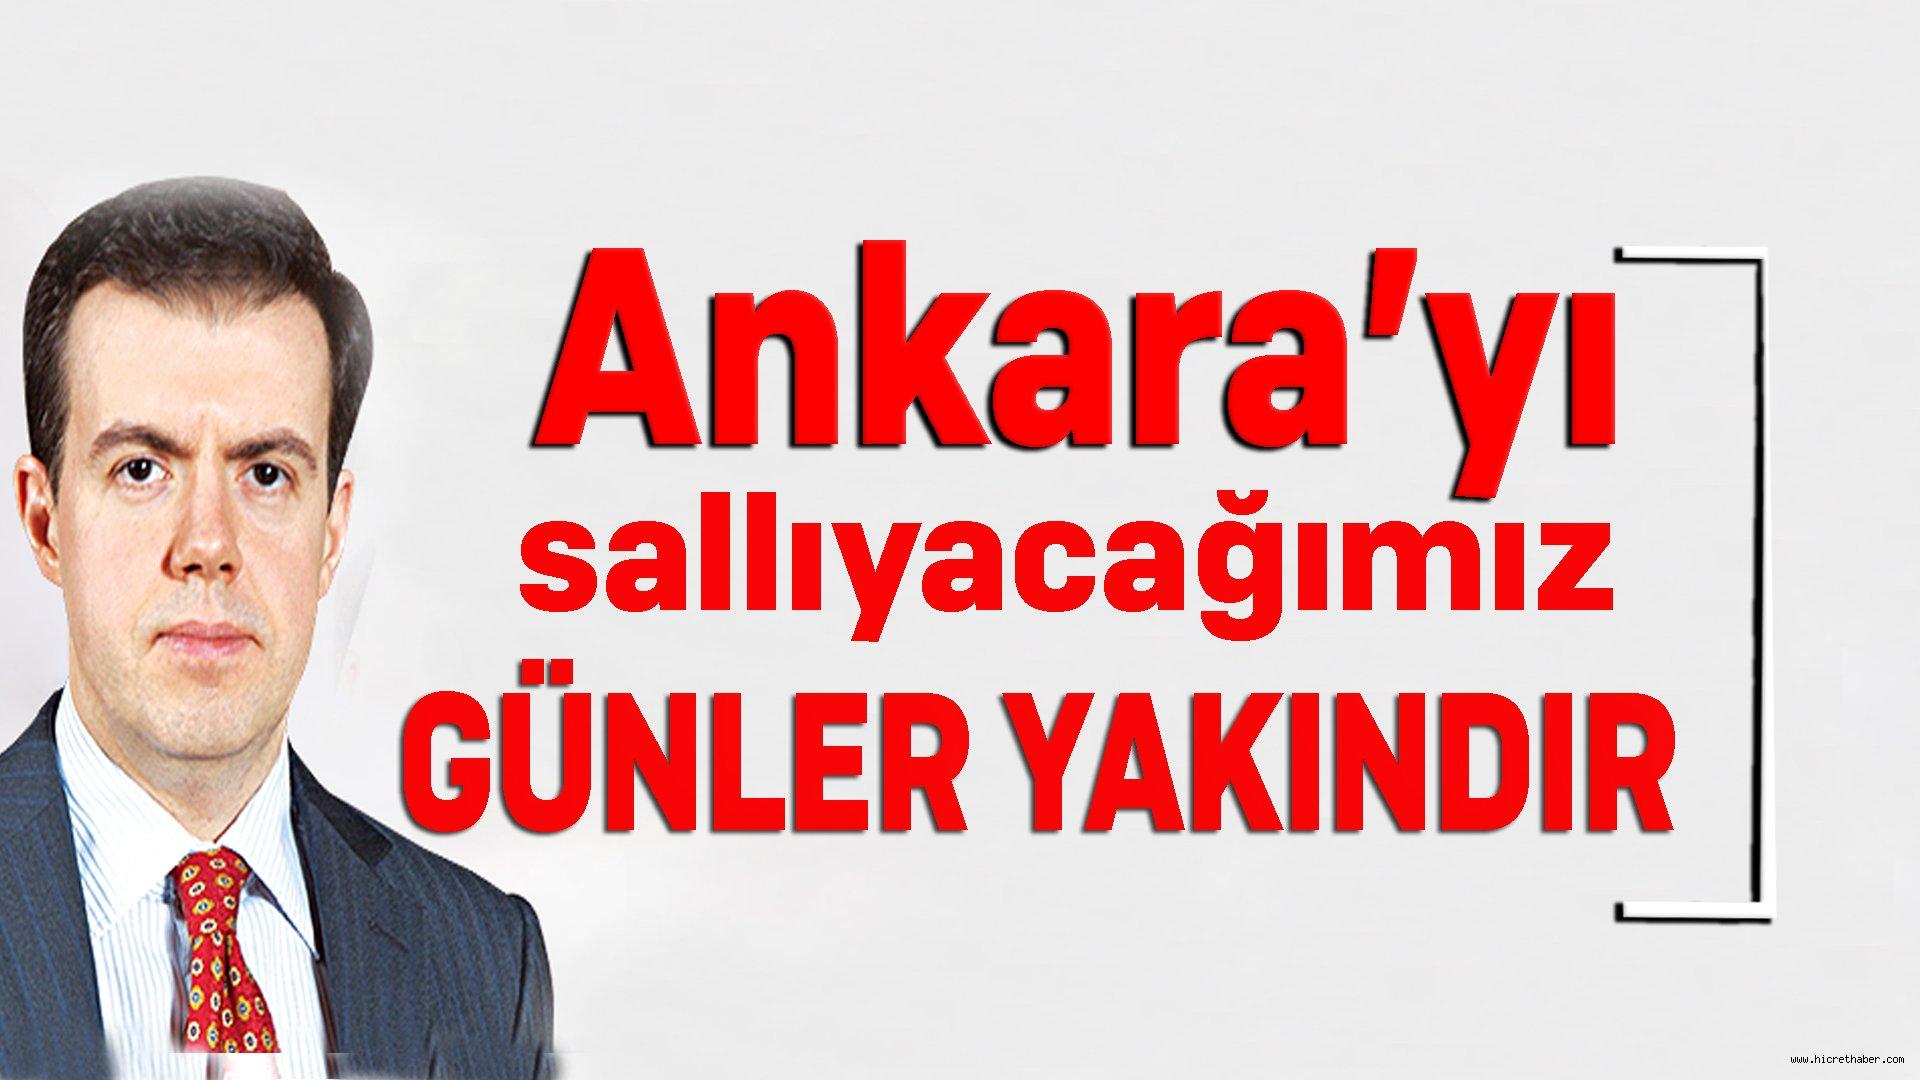 Ankara'yı Sallayacağımız Günler Yakındır